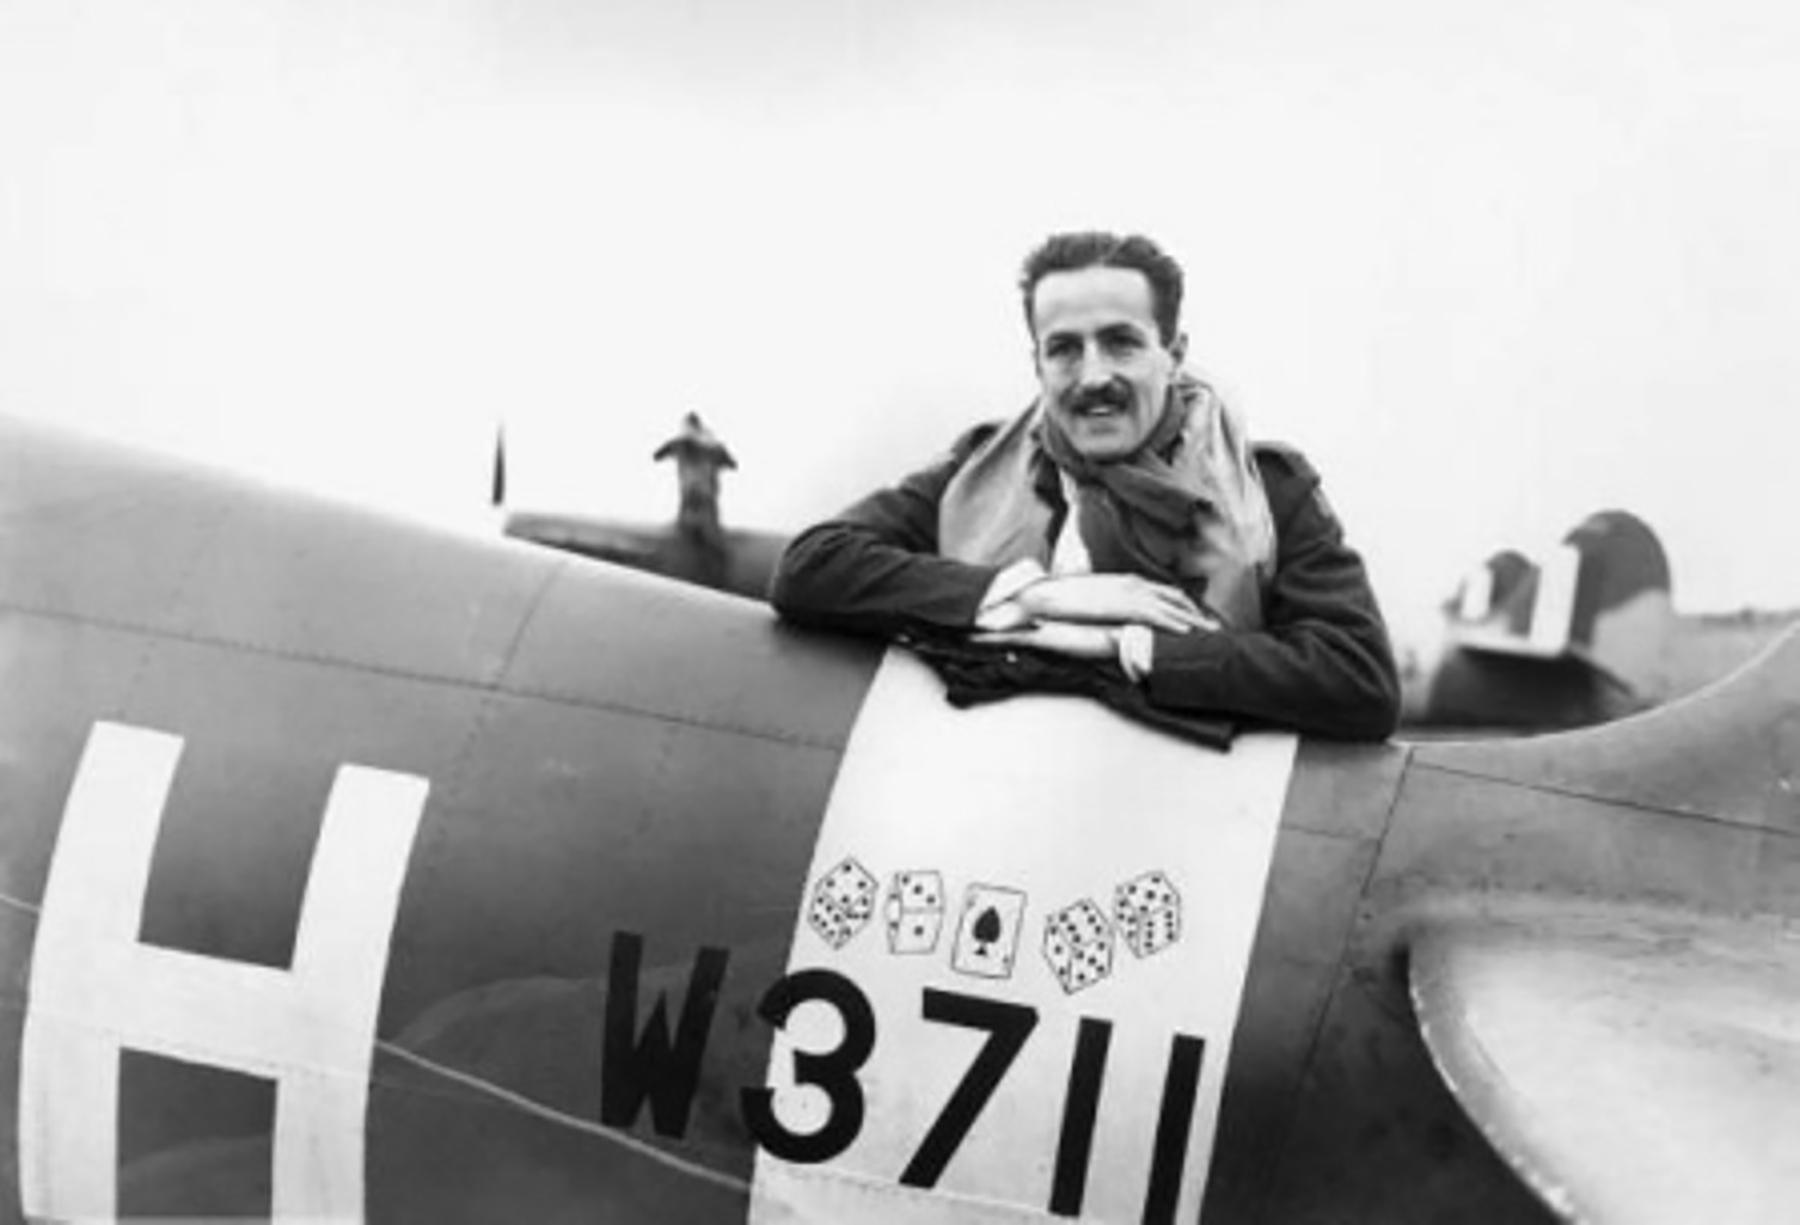 Spitfire MkVb RAF 121Sqn AVH W3711 Richard Fuller Patterson 1941 01